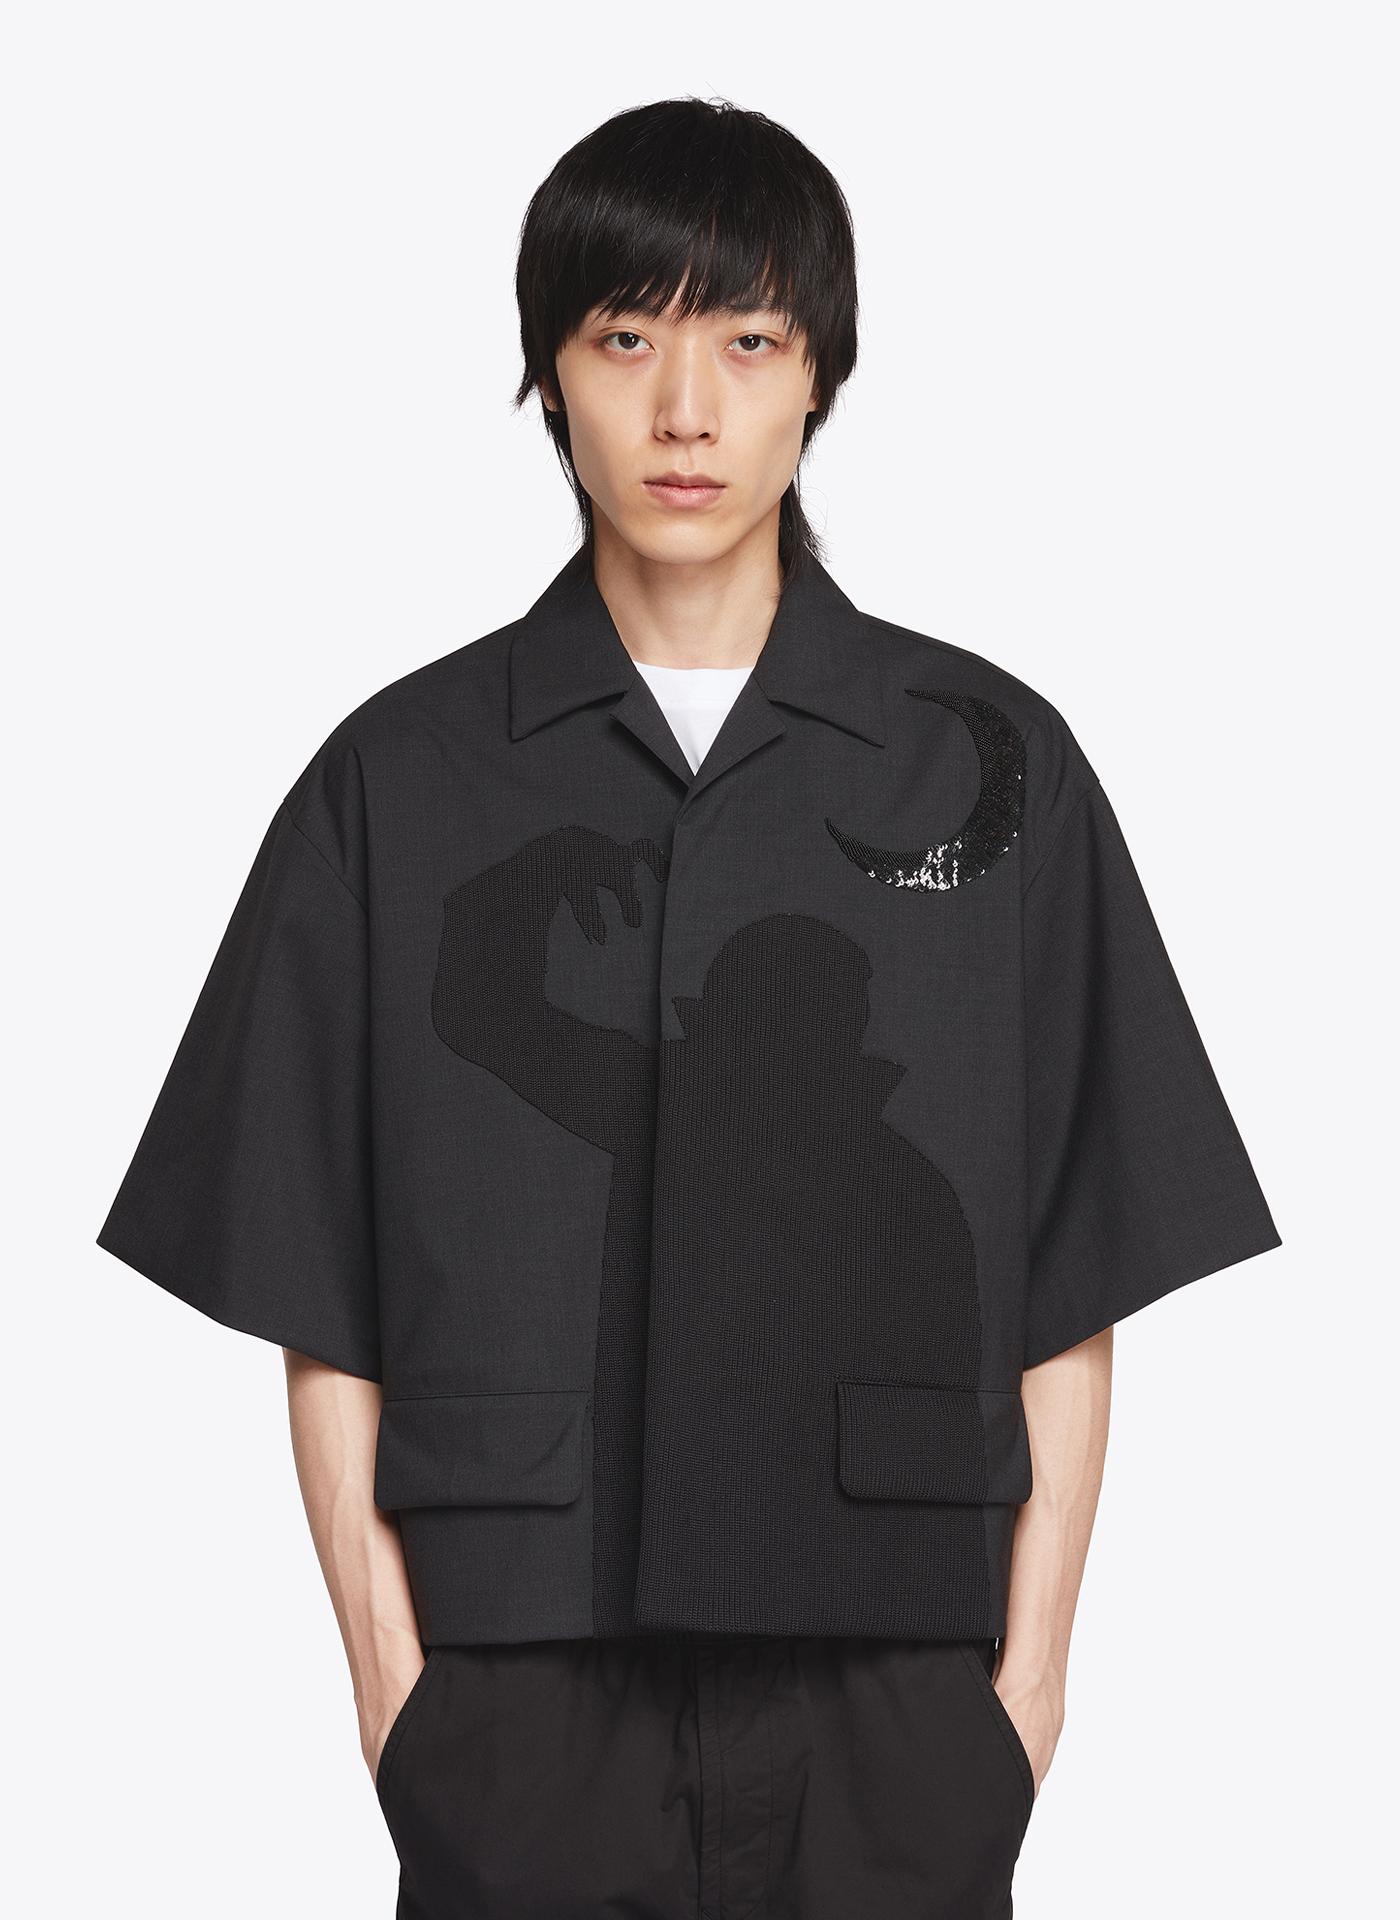 menswear model wearing wide black t-shirt